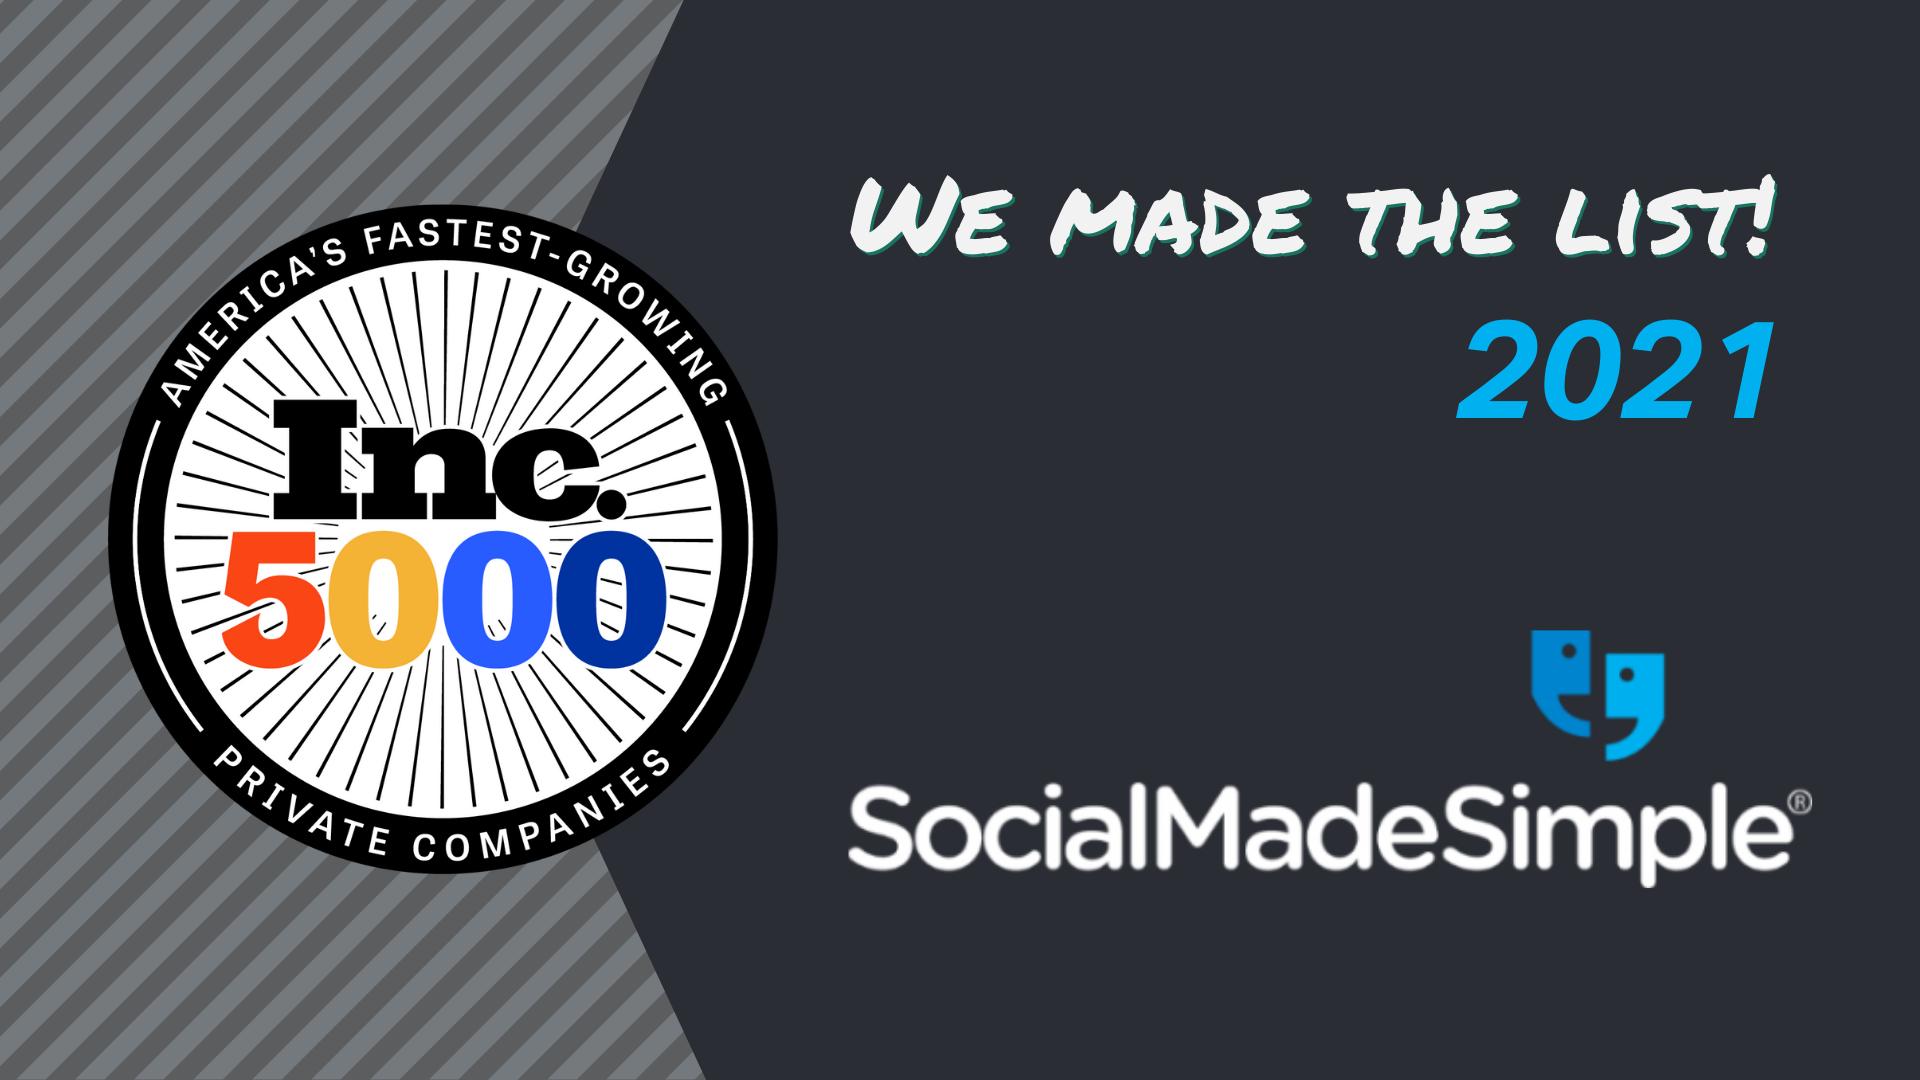 SocialMadeSimple Ranked on the 2021 Inc. 5000 List